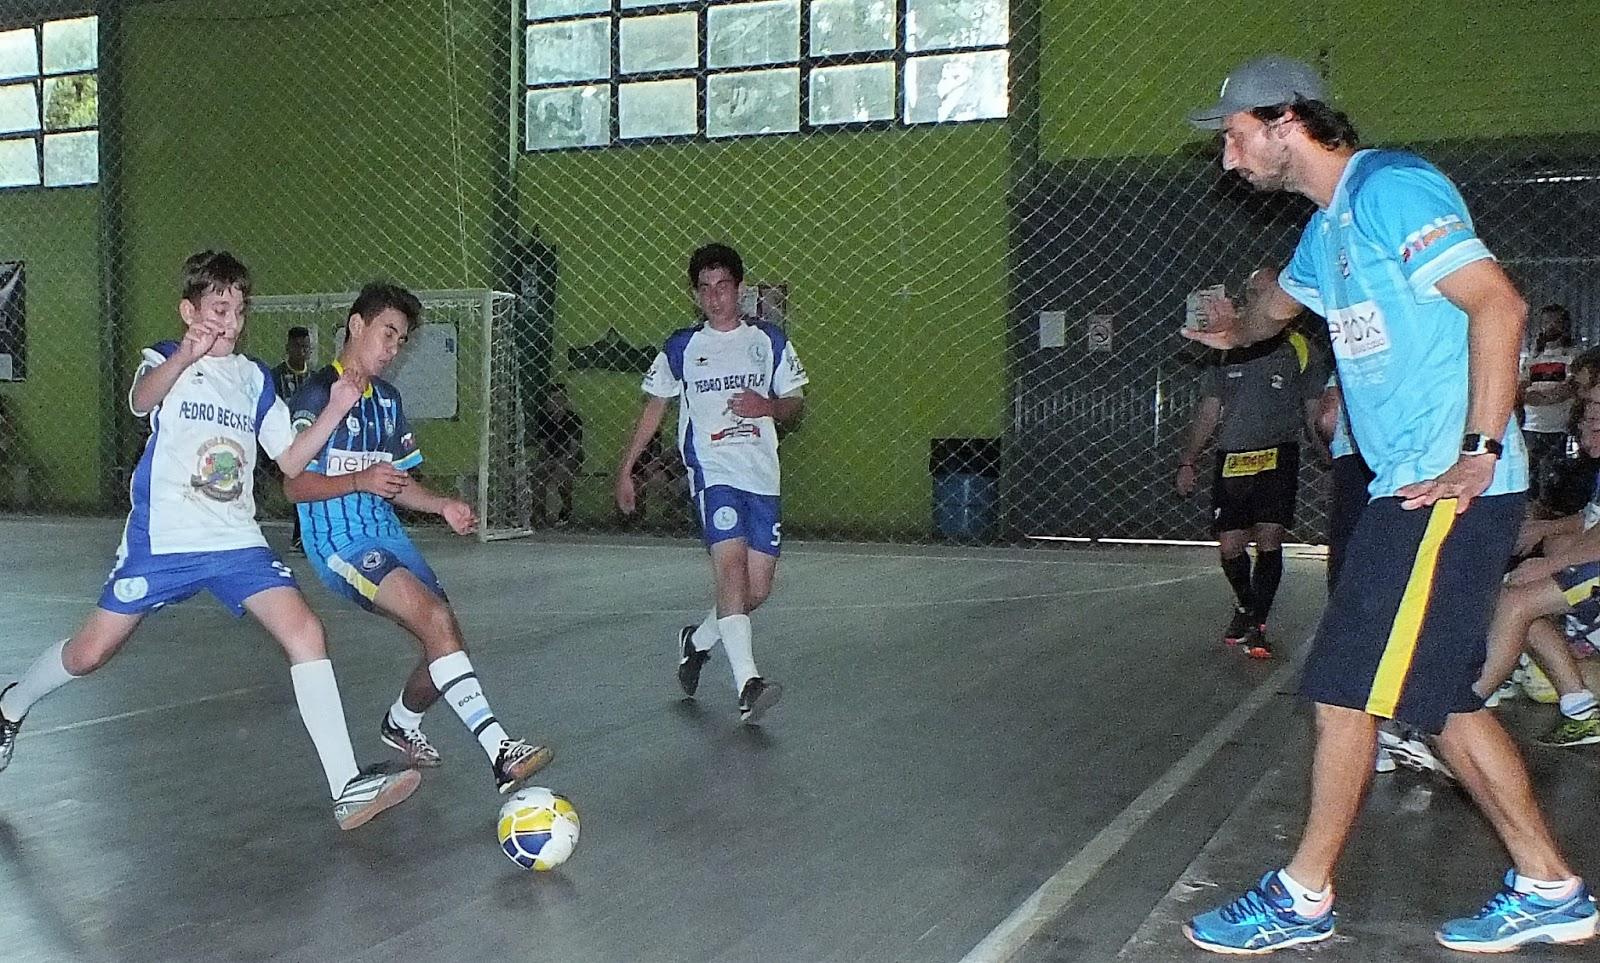 282c2f537 A categoria sub-13 da Escolinha de Futsal Bola Bola estreou com o pé  direito no campeonato Municipal de Futsal sub-15. O time encarou o  Independientes e ...